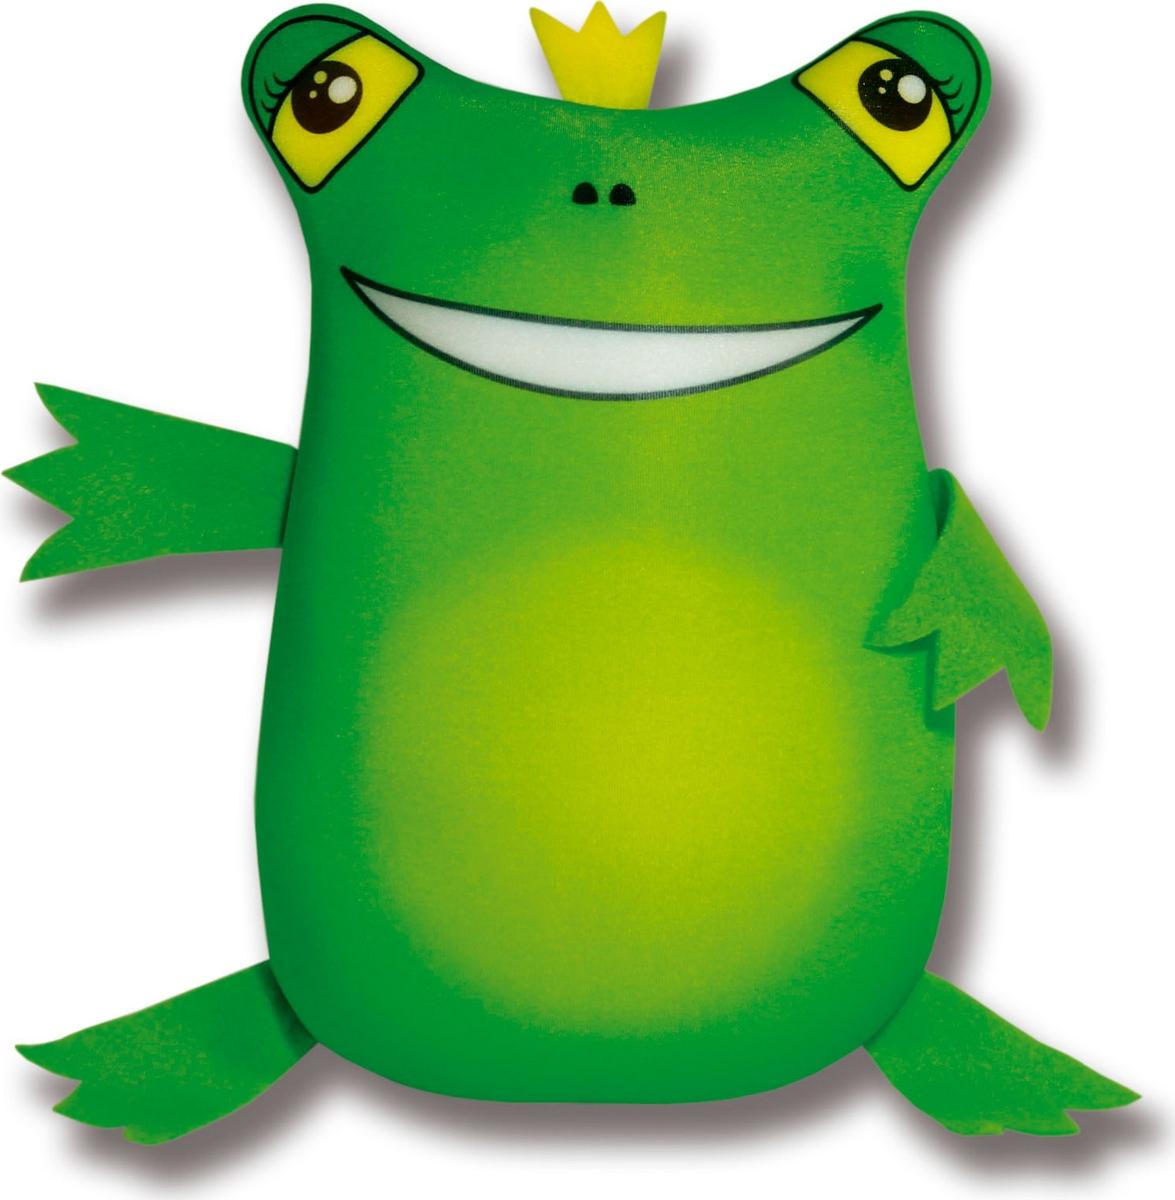 Подушка-игрушка Штучки, к которым тянутся ручки антистрессовая Царевна лягушка, зеленый штучки к которым тянутся ручки подушка игрушка антистрессовая царевна лягушка